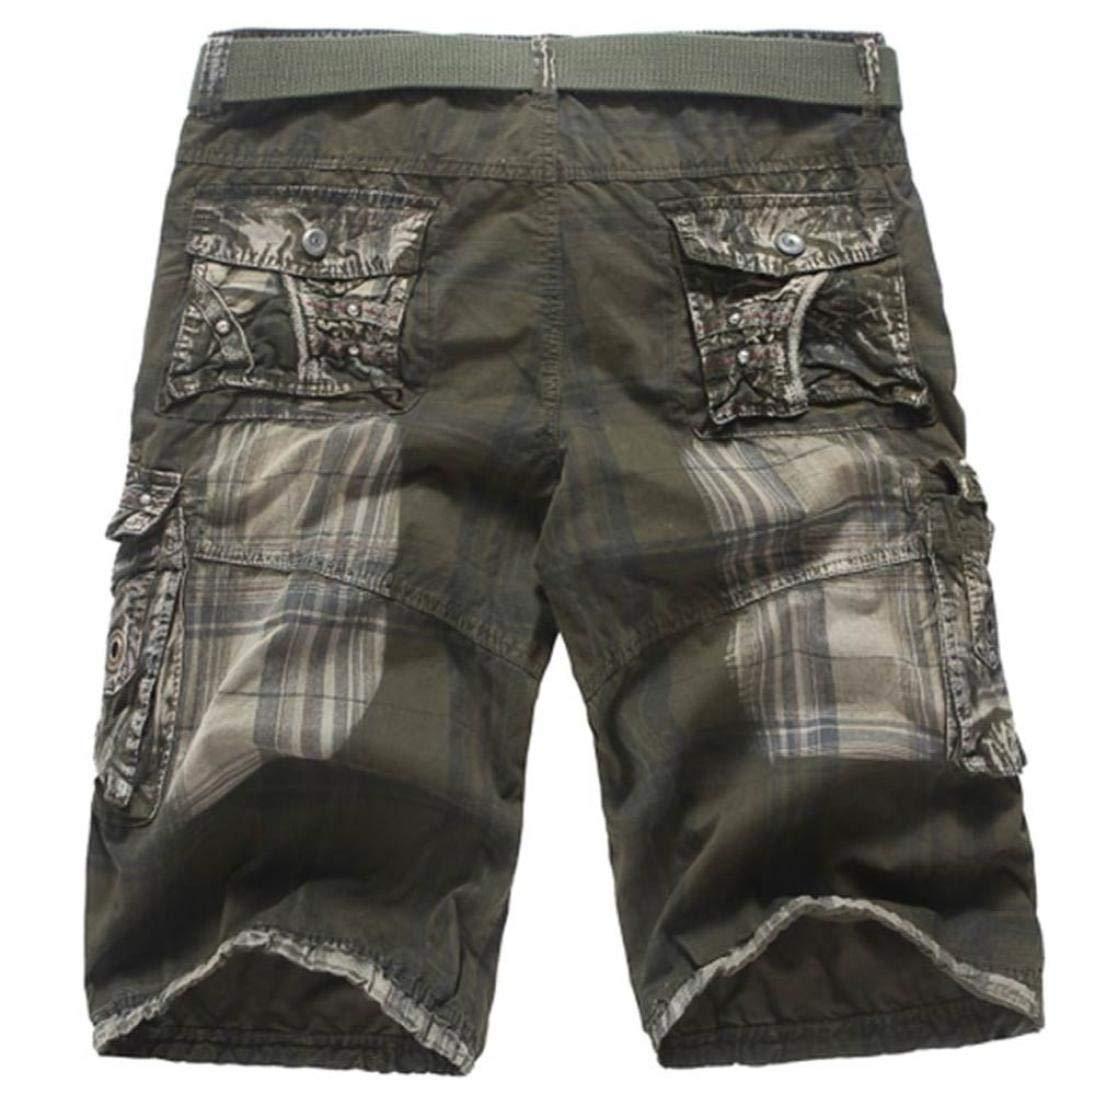 Naturazy-Pantalón Hombre Cortos Chandal Pantalones Pantalones Cortos Pantalones Cortocircuito Trabajo Playa Bolsillo Ocasional del Trabajo: Amazon.es: Ropa ...